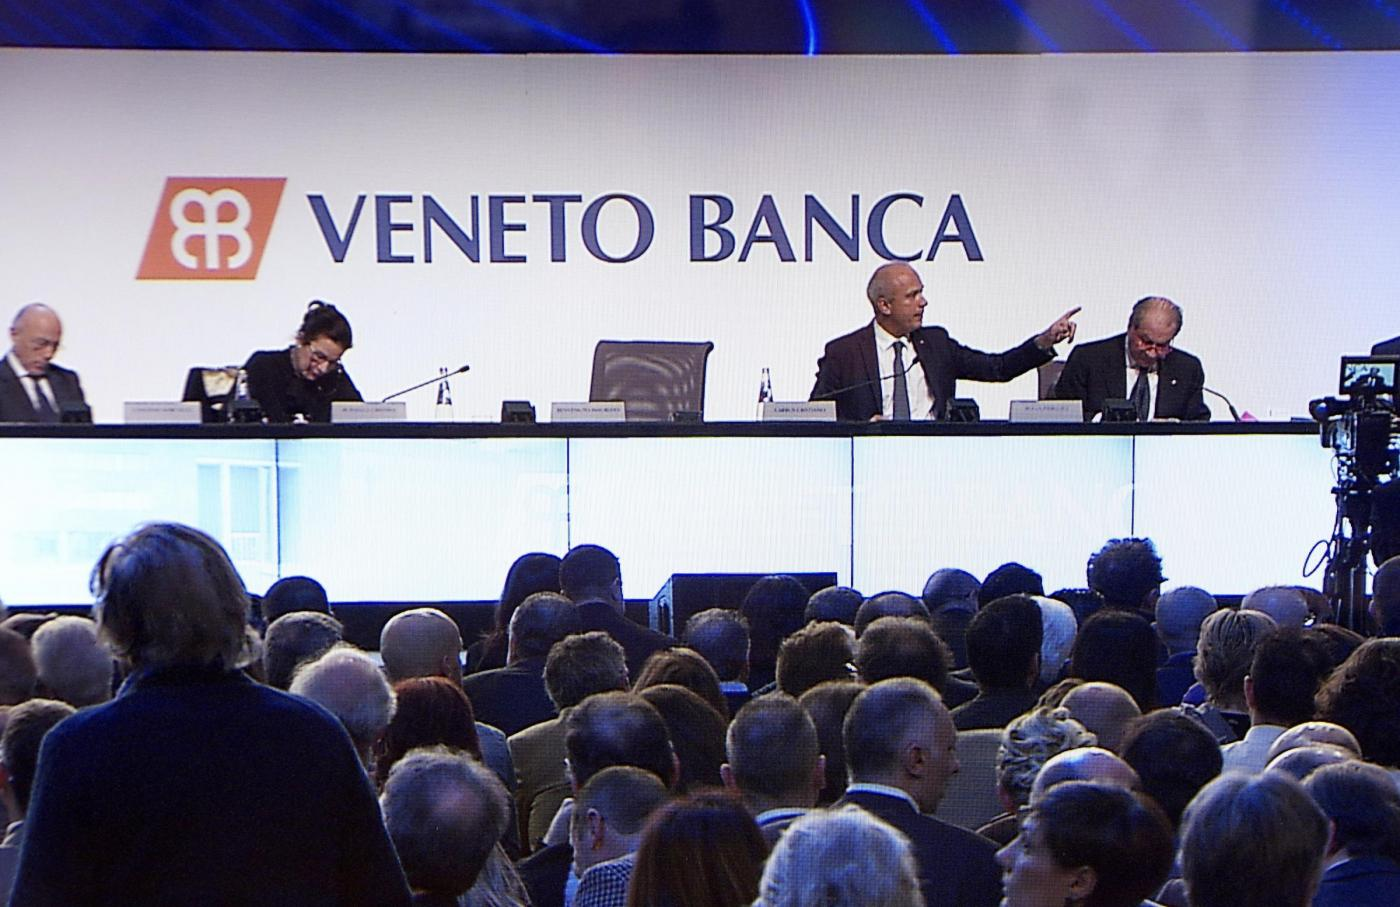 Veneto Banca, arrestato l'ex ad Vincenzo Consoli